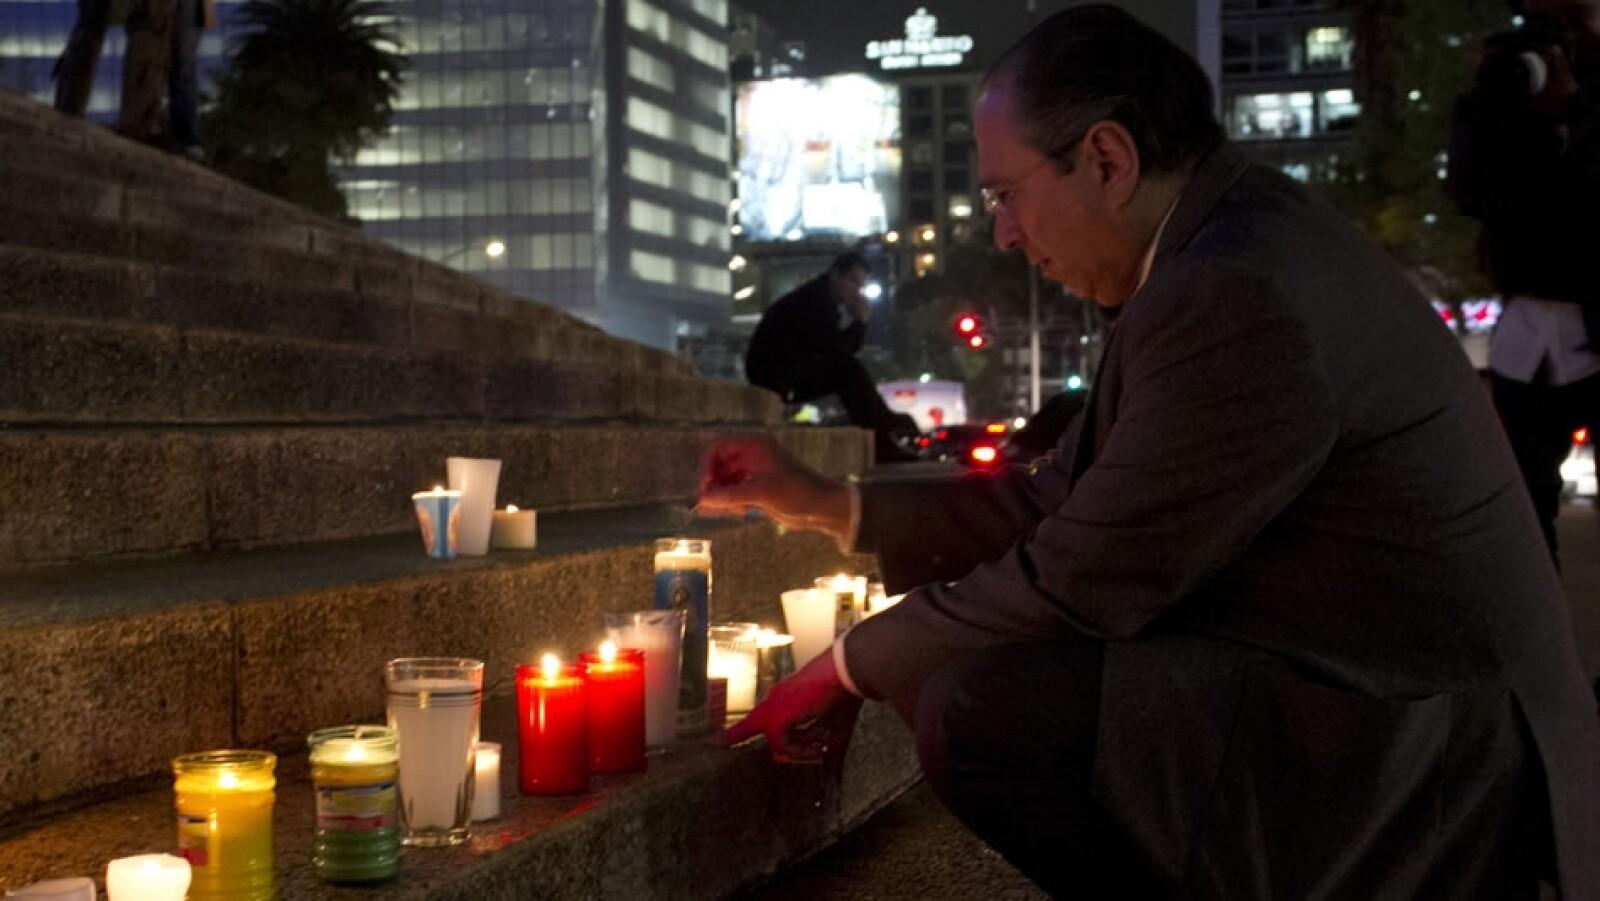 El gobierno federal ha dicho que continúa la búsqueda de los estudiantes desaparecidos en Iguala